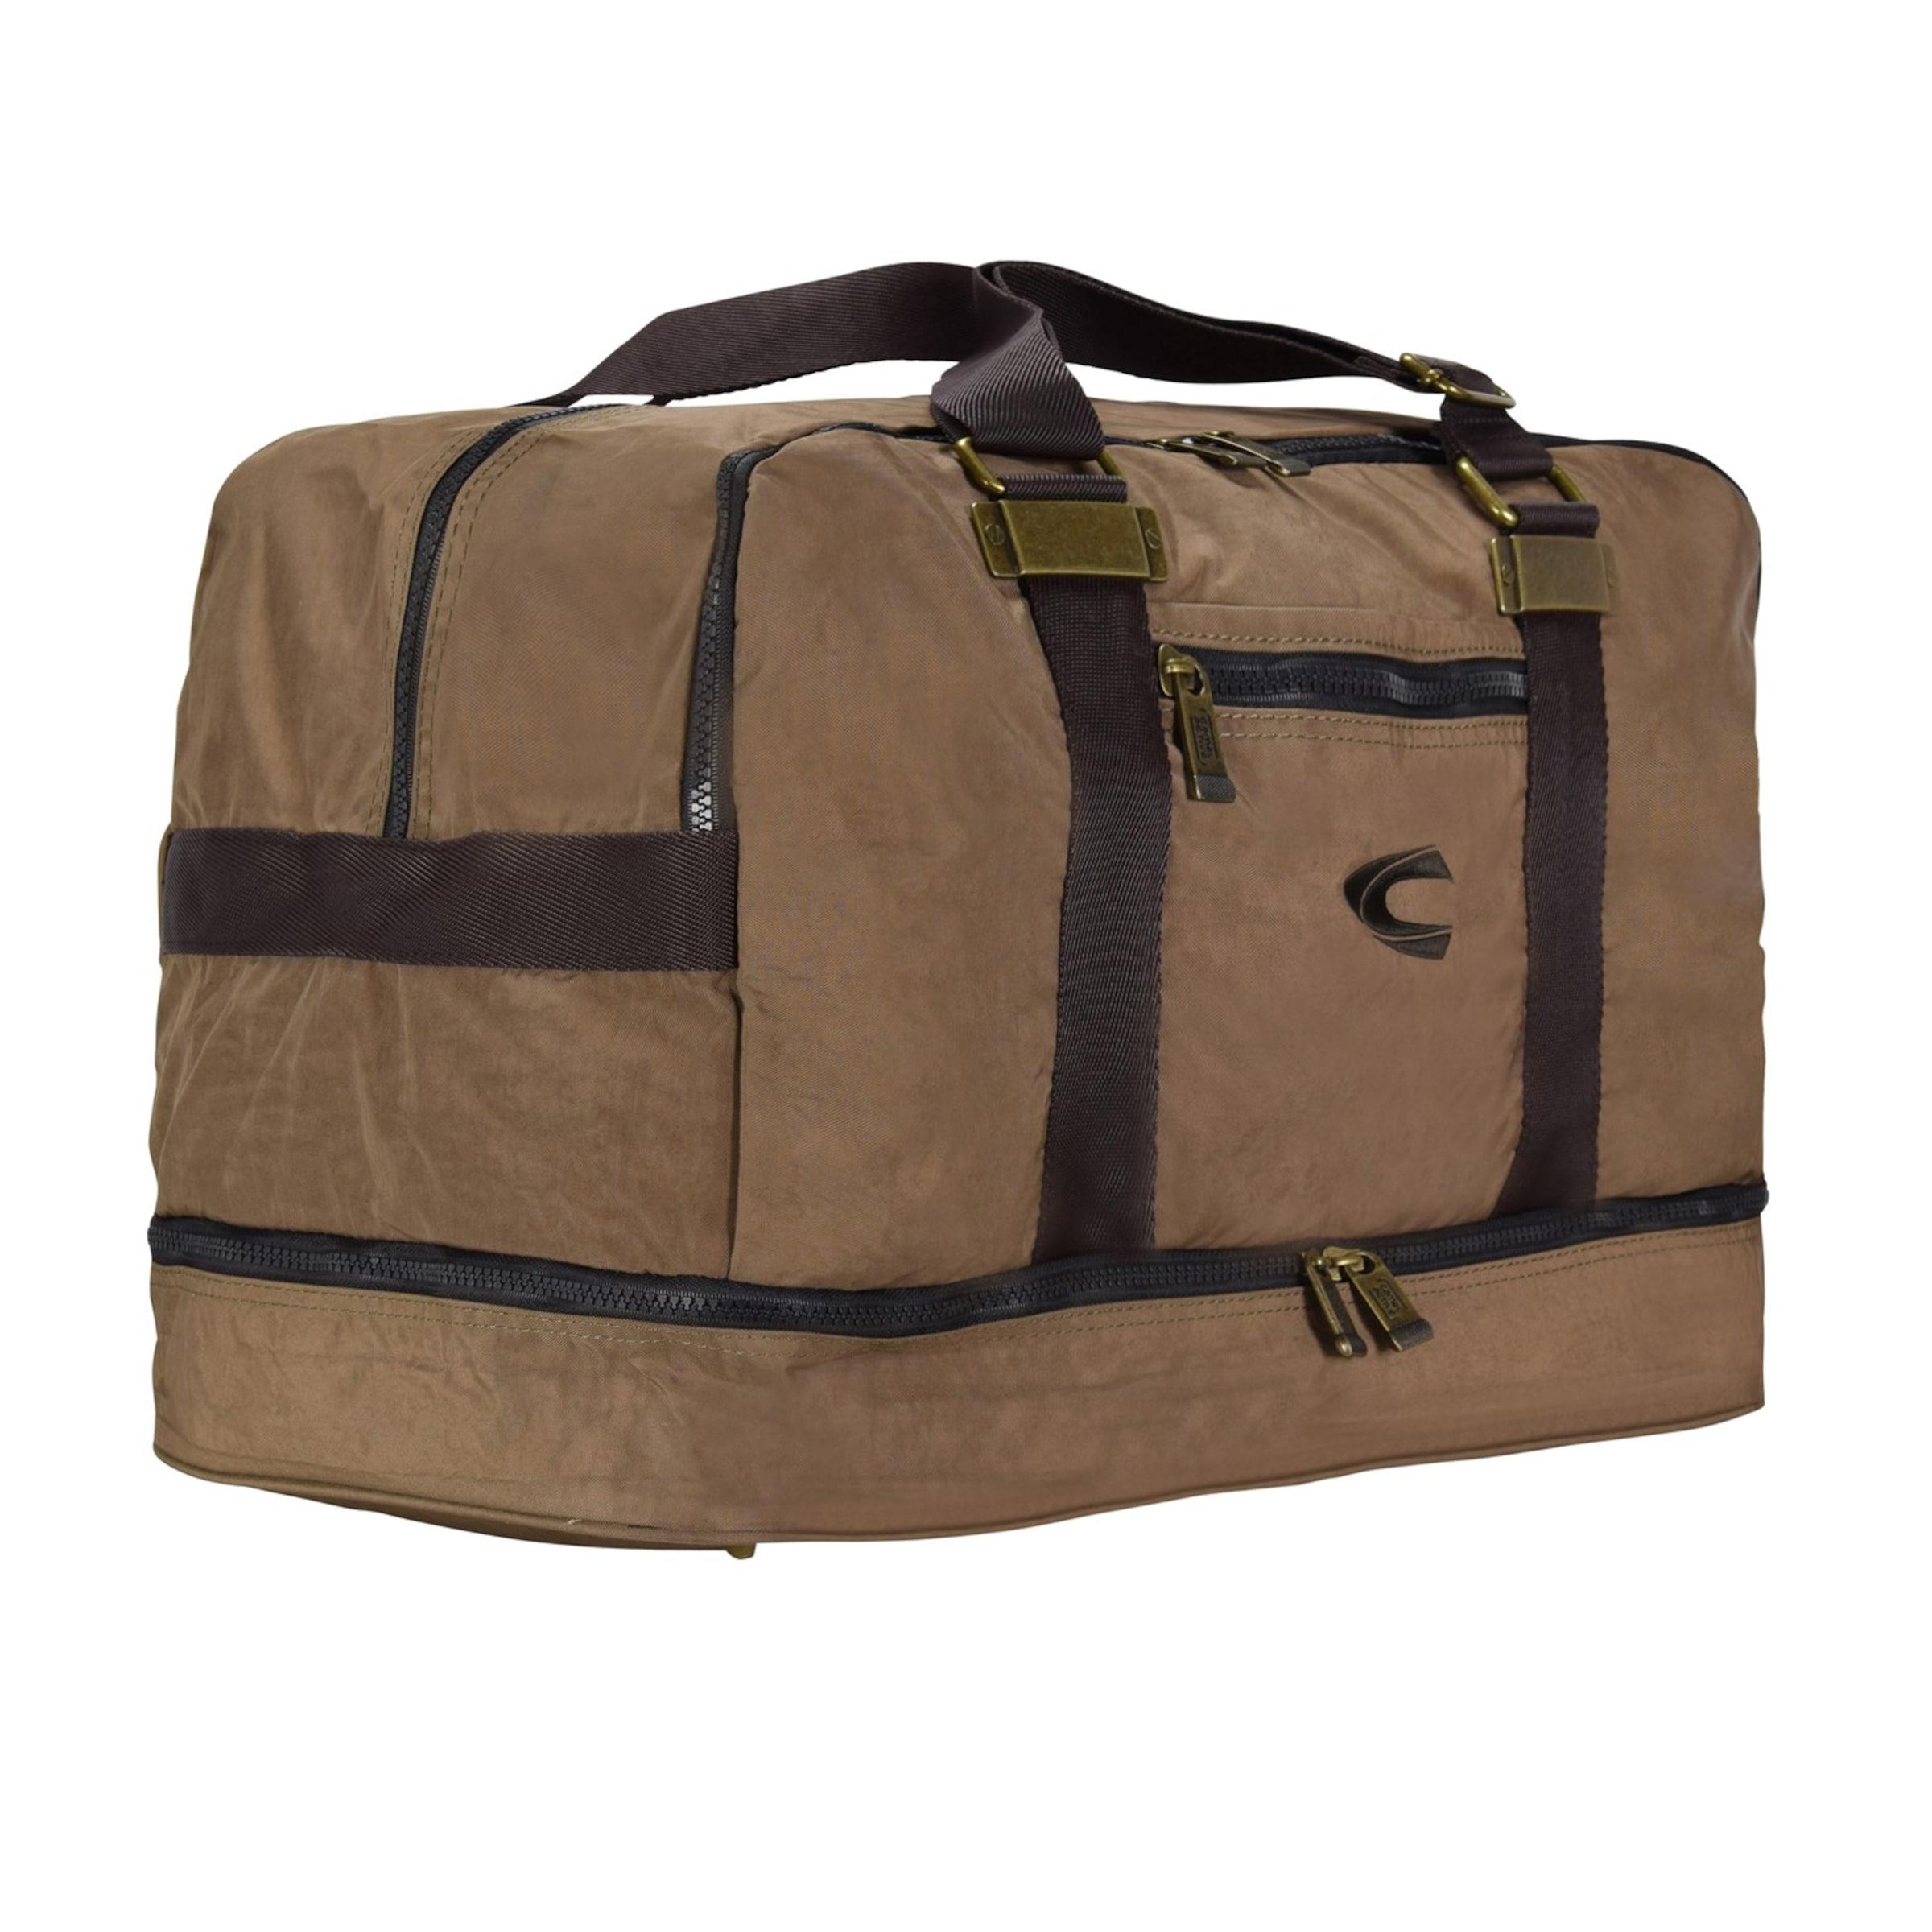 Verkauf Online-Shopping Günstigen Preis CAMEL ACTIVE Journey Reisetasche 48 cm Heiß 7HL2b